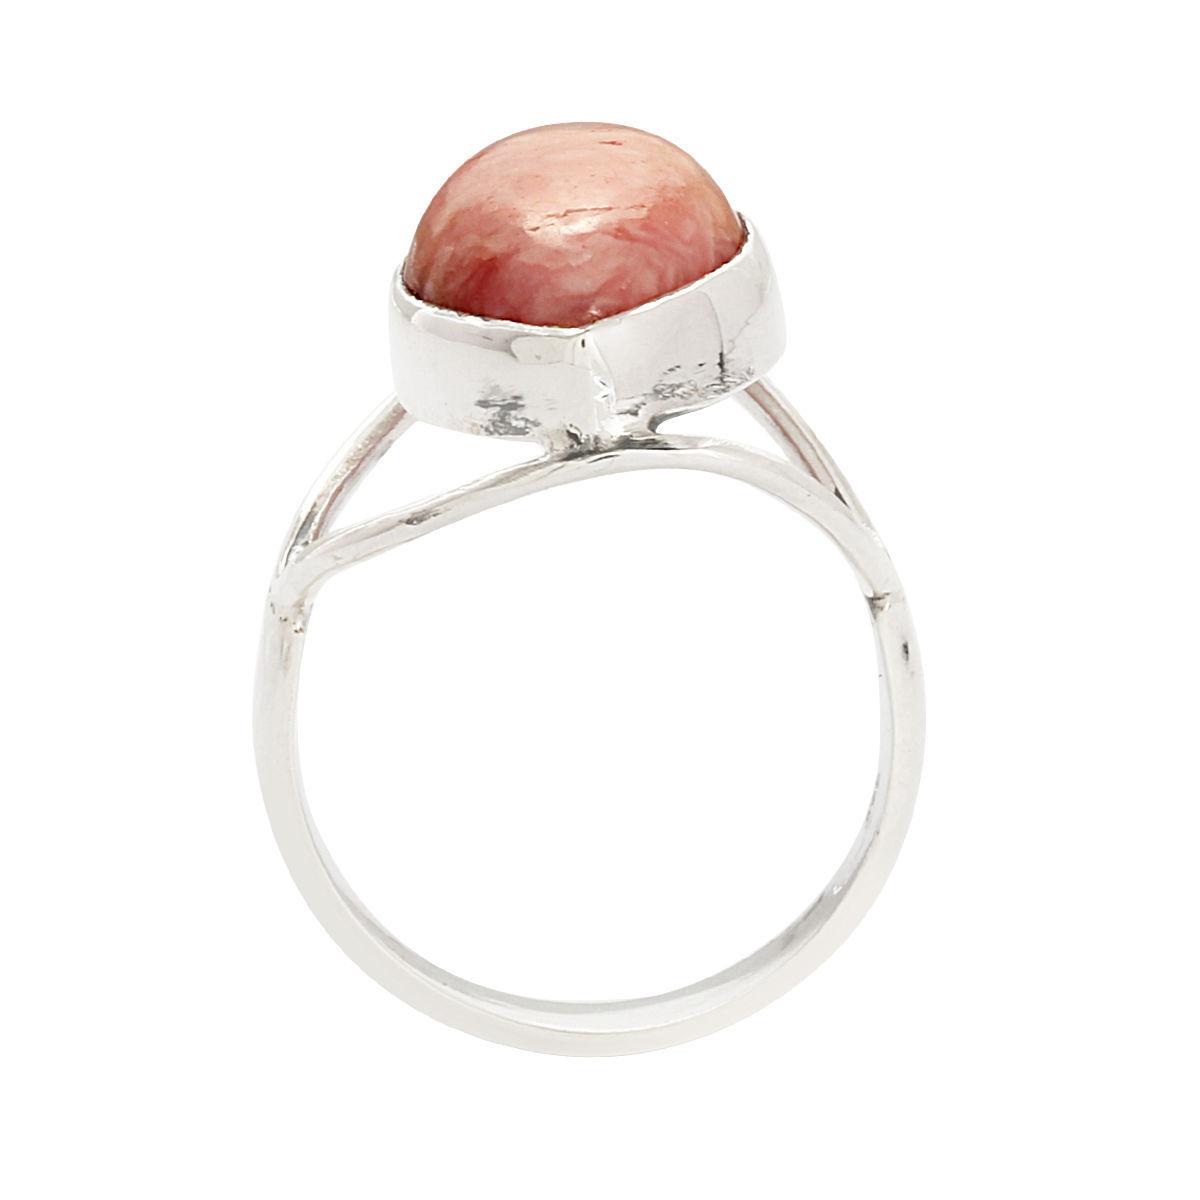 Pear Pink Rhodochrosite Gemstone Jewelry 925 Sterling Silver Ring SZ 8 SHRI0292